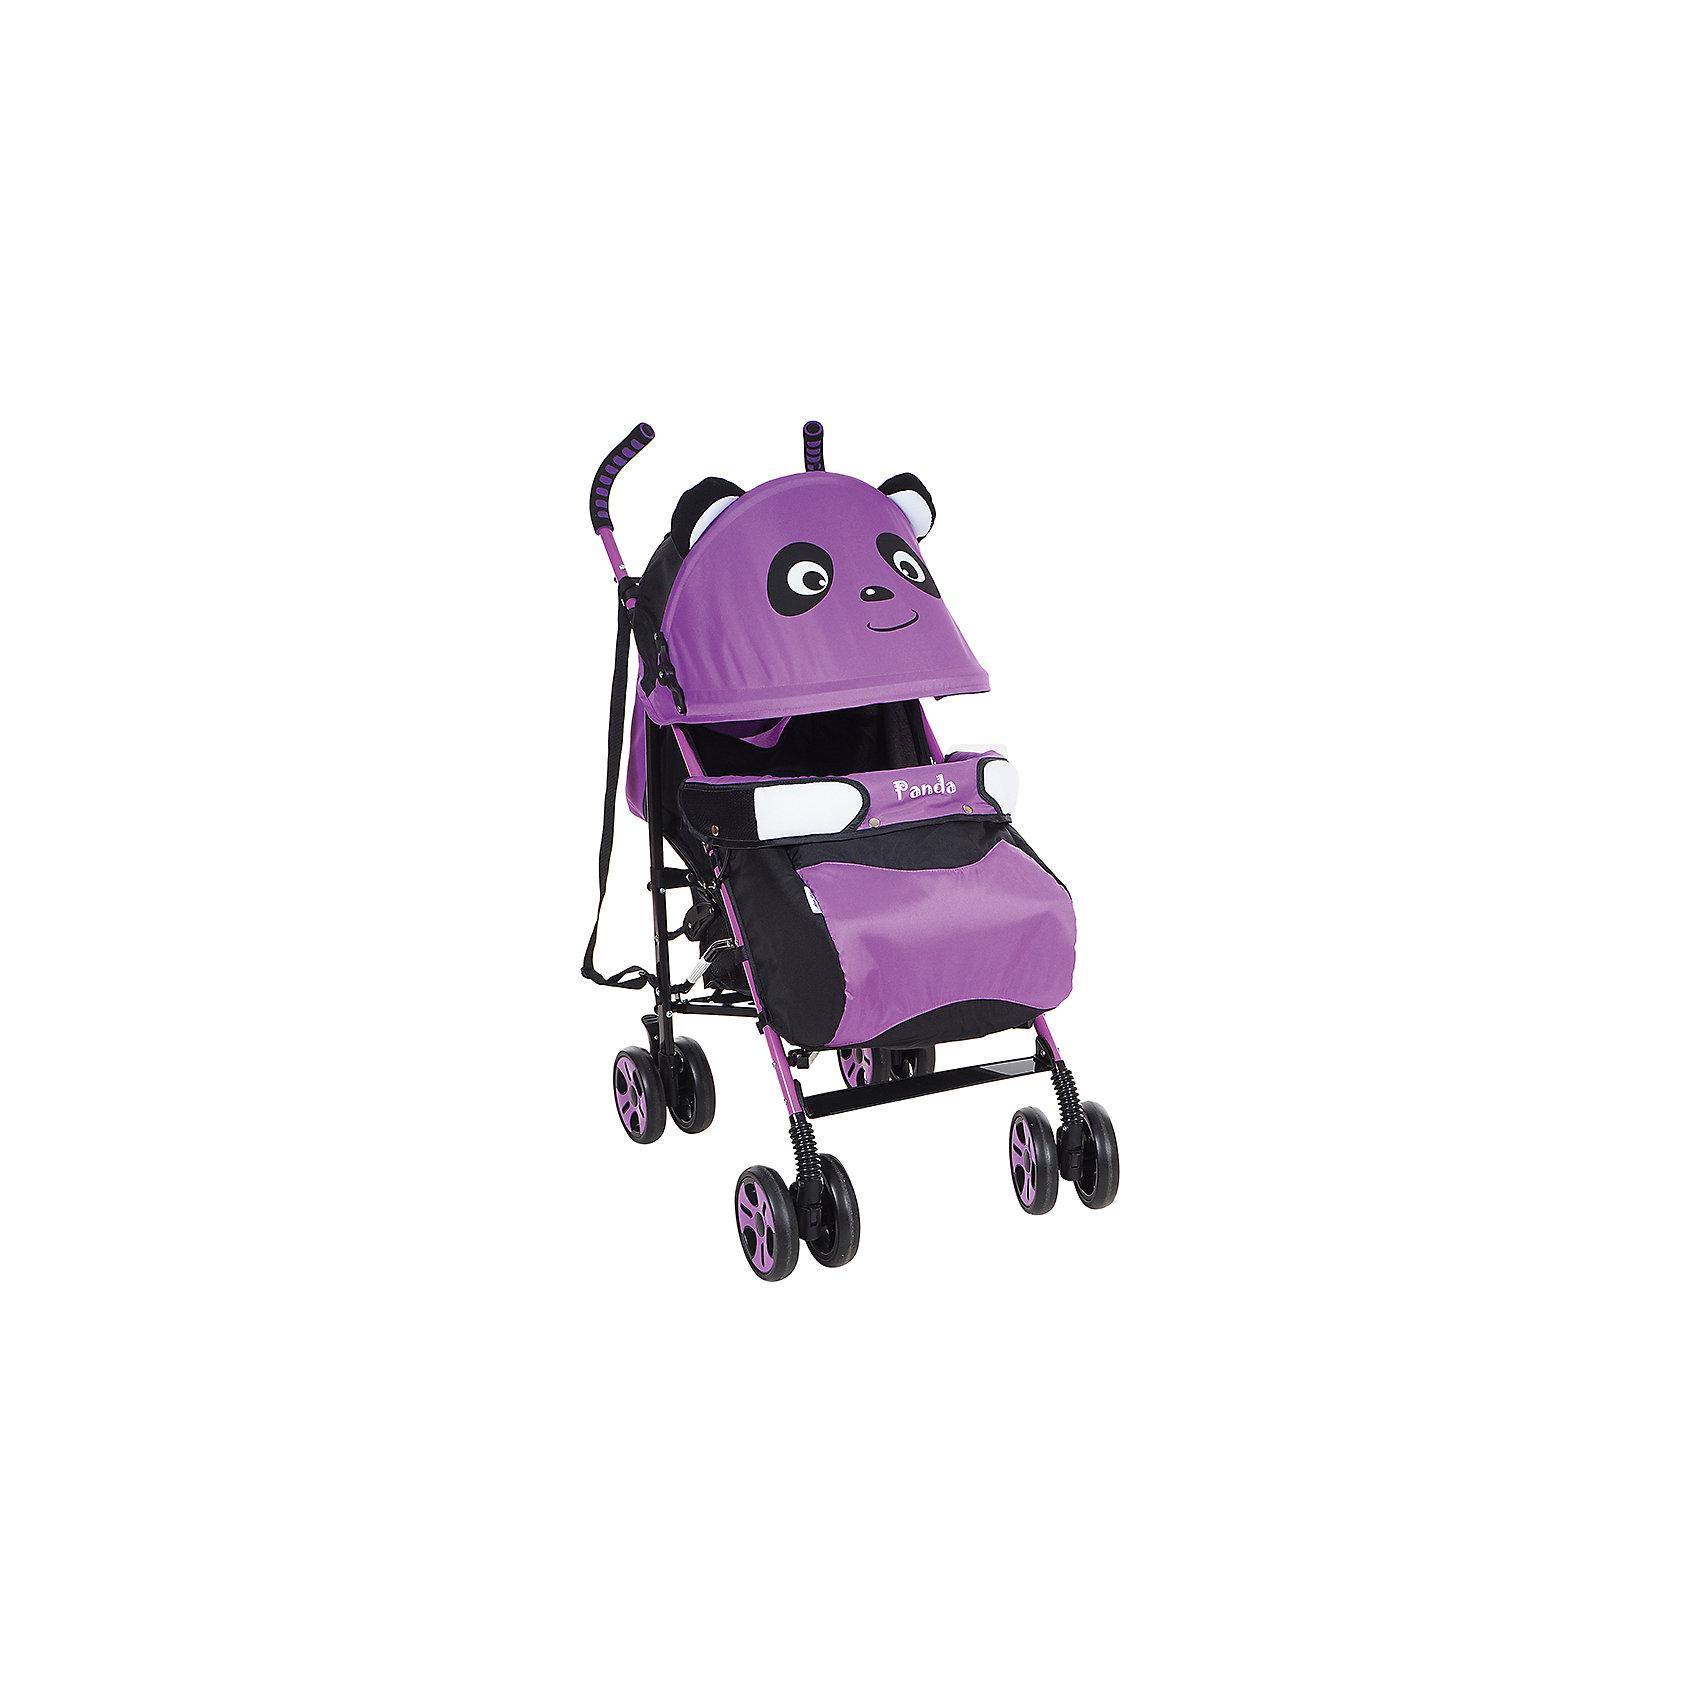 Коляска-трость Bambola Panda, фиолетовыйНедорогие коляски<br>Характеристики коляски-трости Bambola Panda<br><br>Прогулочный блок:<br><br>• спинка регулируется в нескольких положениях, угол наклона 170 градусов;<br>• регулируется подножка, 2 положения;<br>• страховочный бампер зафиксирован, имеется мягкий разделитель для ножек;<br>• дополнительная секция на капюшоне, смотровое окошко, москитная сетка;<br>• капюшон опускается до бампера;<br>• 3-х точечные ремни безопасности;<br>• чехол для ножек входит в комплект.<br><br>Шасси коляски:<br><br>• сдвоенные колеса: передние поворотные, задние с тормозом;<br>• съемные колеса;<br>• диаметр колес: 15,5 см;<br>• дополнительная пластиковая гибкая подножка для подросшего малыша;<br>• амортизация;<br>• механизм складывания: трость;<br>• материал: алюминий, пластик, полиэстер.<br><br>Размер коляски: 80х50х104 см<br>Размер коляски в сложенном виде: 33х26х102 см<br>Вес коляски: 7 кг<br>Вес упаковки: 7,75 кг<br><br>Коляску-трость Panda, Bambola, фиолетовый цвет можно купить в нашем интернет-магазине.<br><br>Ширина мм: 330<br>Глубина мм: 260<br>Высота мм: 1020<br>Вес г: 7750<br>Возраст от месяцев: 6<br>Возраст до месяцев: 36<br>Пол: Женский<br>Возраст: Детский<br>SKU: 5559168